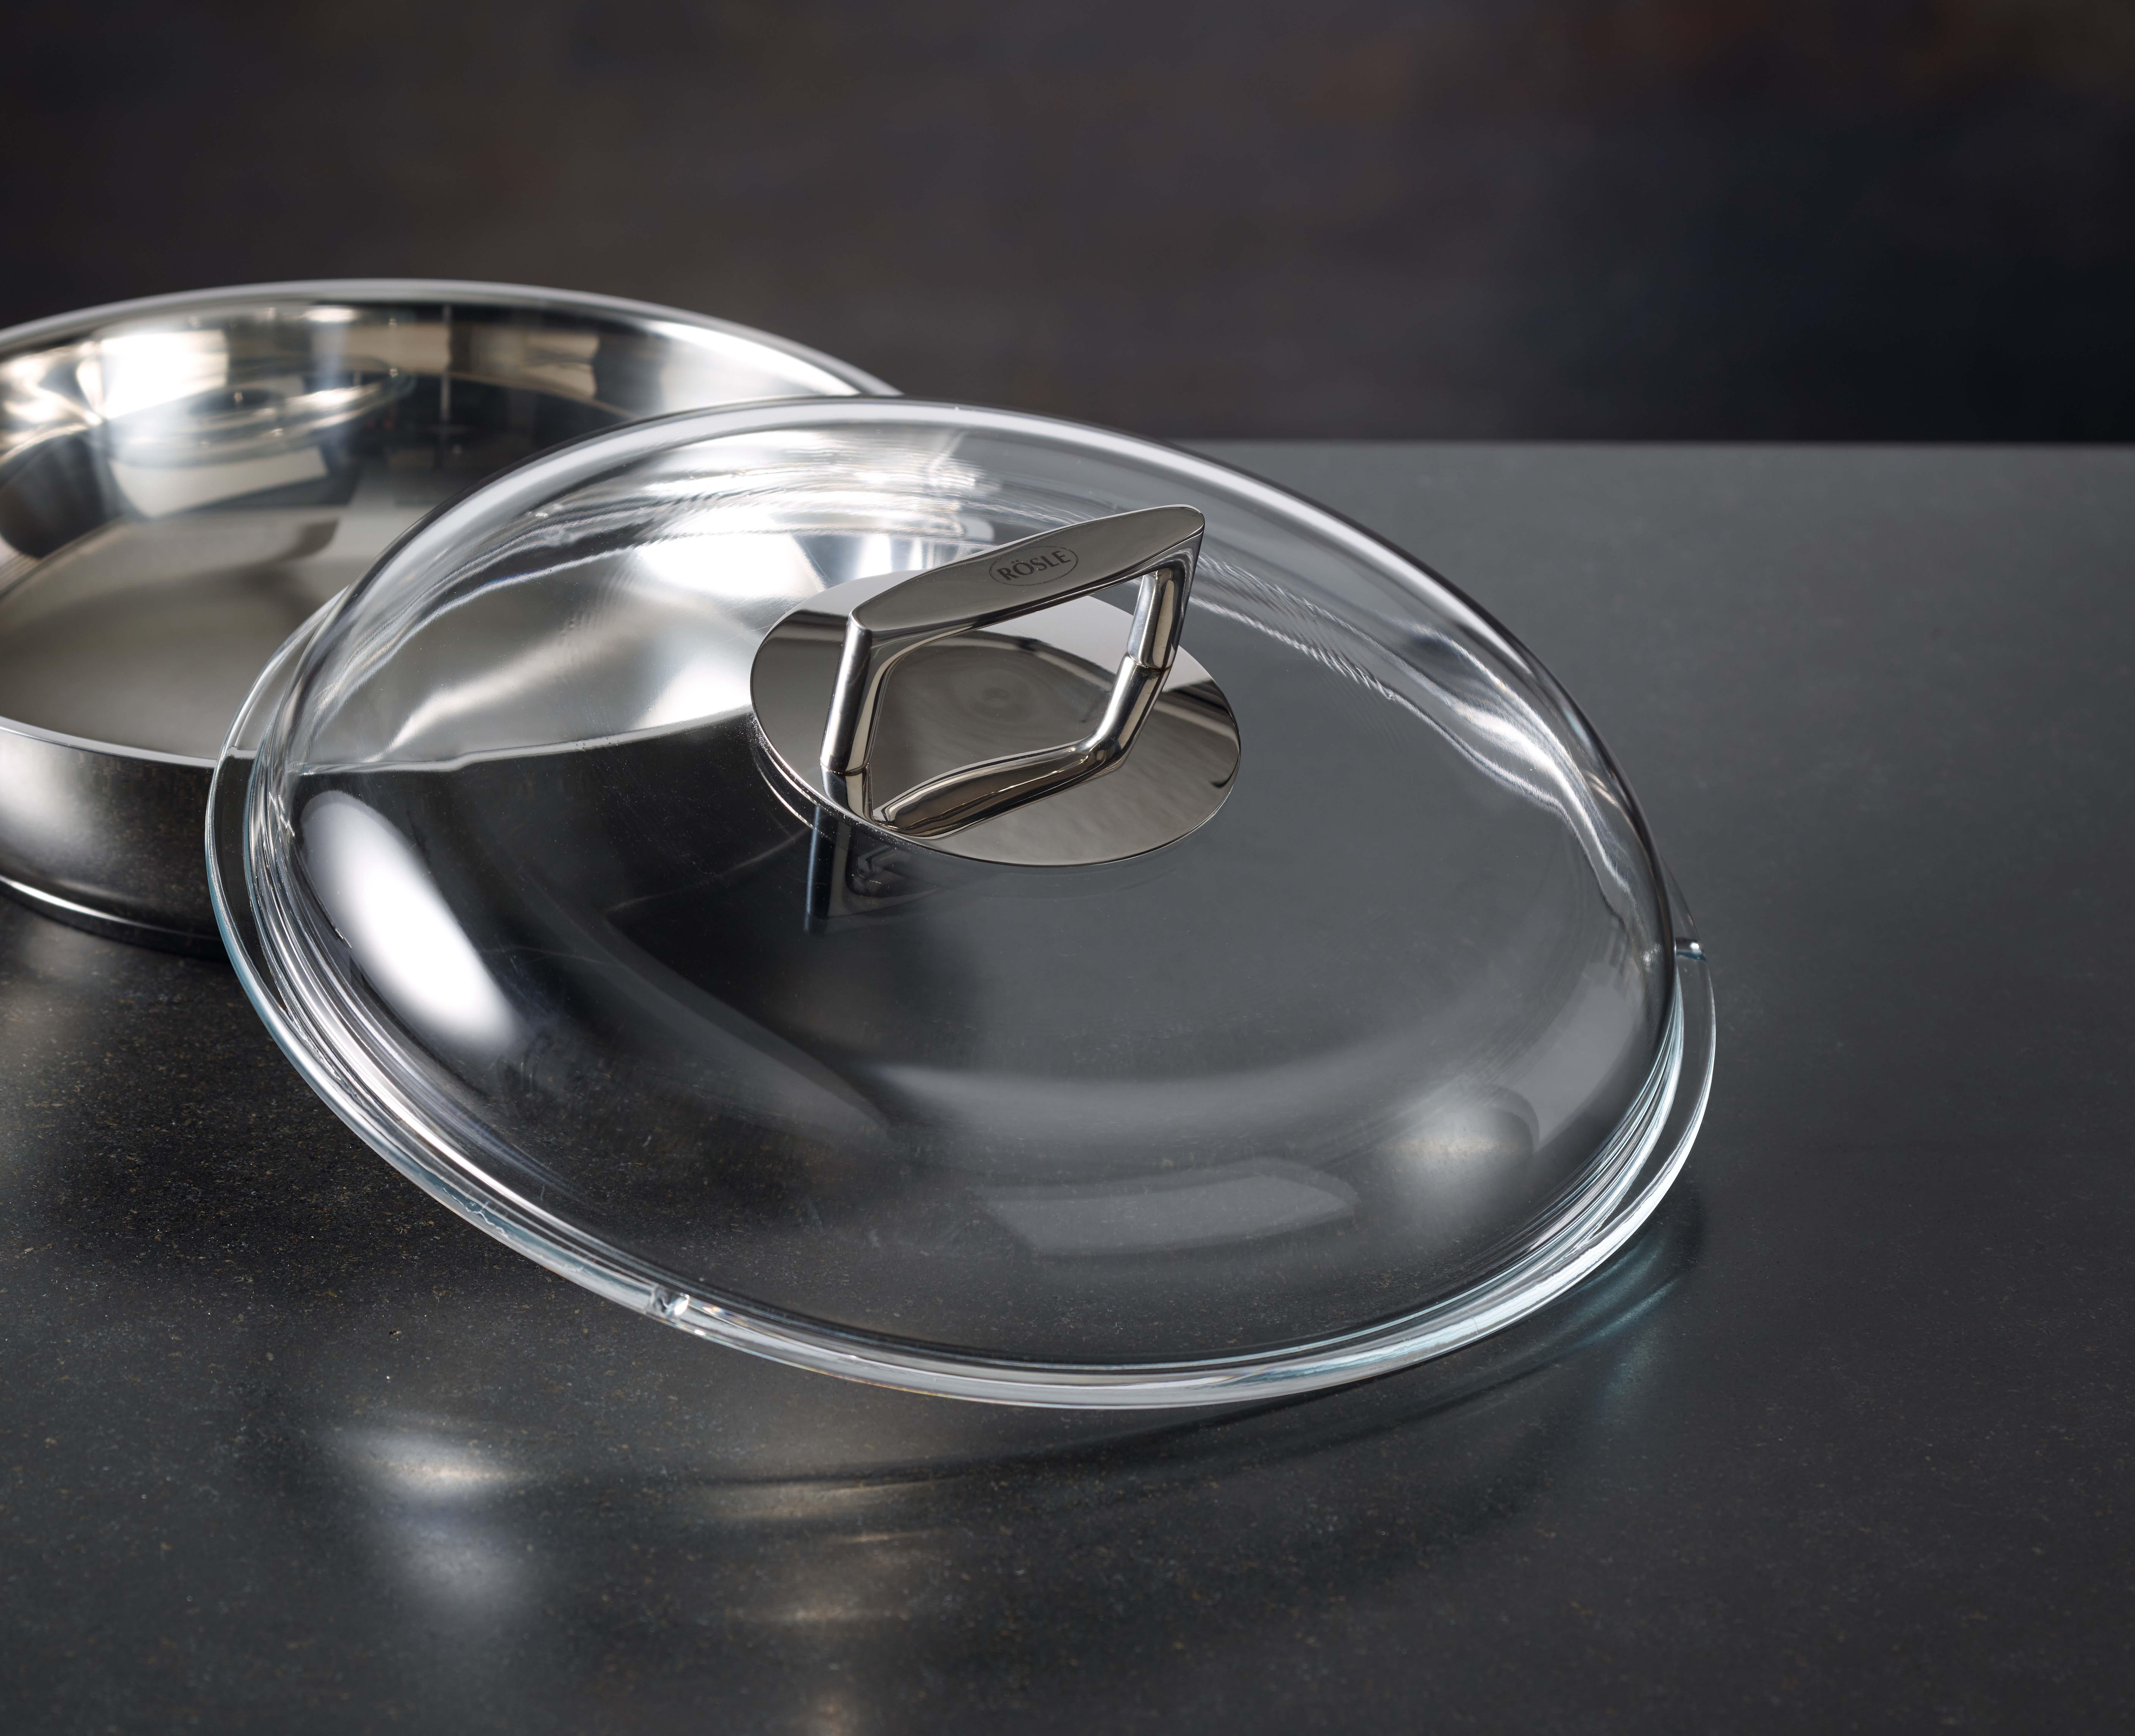 Rösle SERIE silence couvercle en verre borosilicaté 28 cm